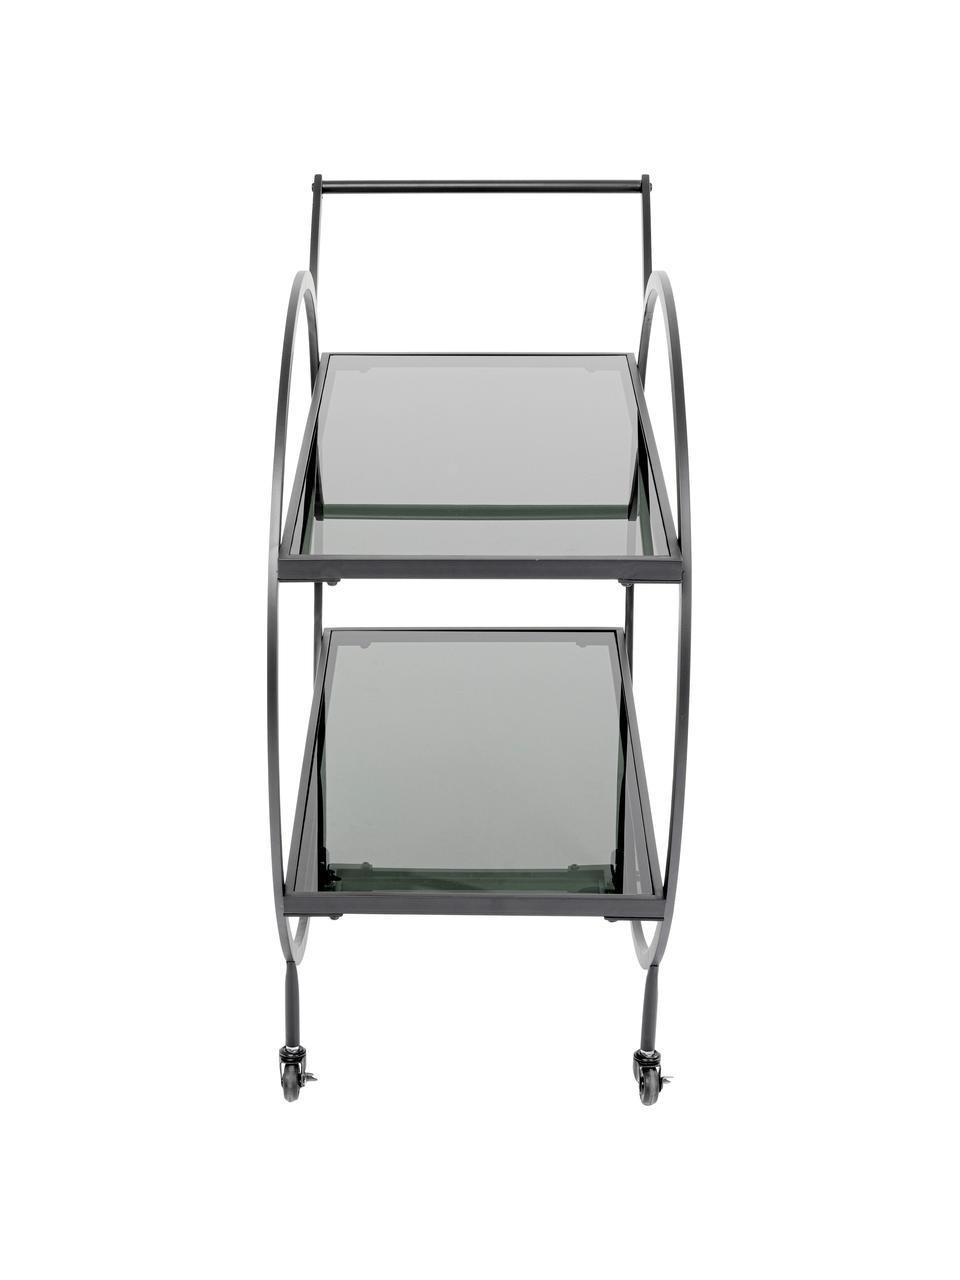 Carrello di servizio in metallo con ripiani in vetro Loft, Struttura: metallo, verniciato a pol, Ripiani: vetro temperato, colorato, Nero, Larg. 74 x Alt. 85 cm